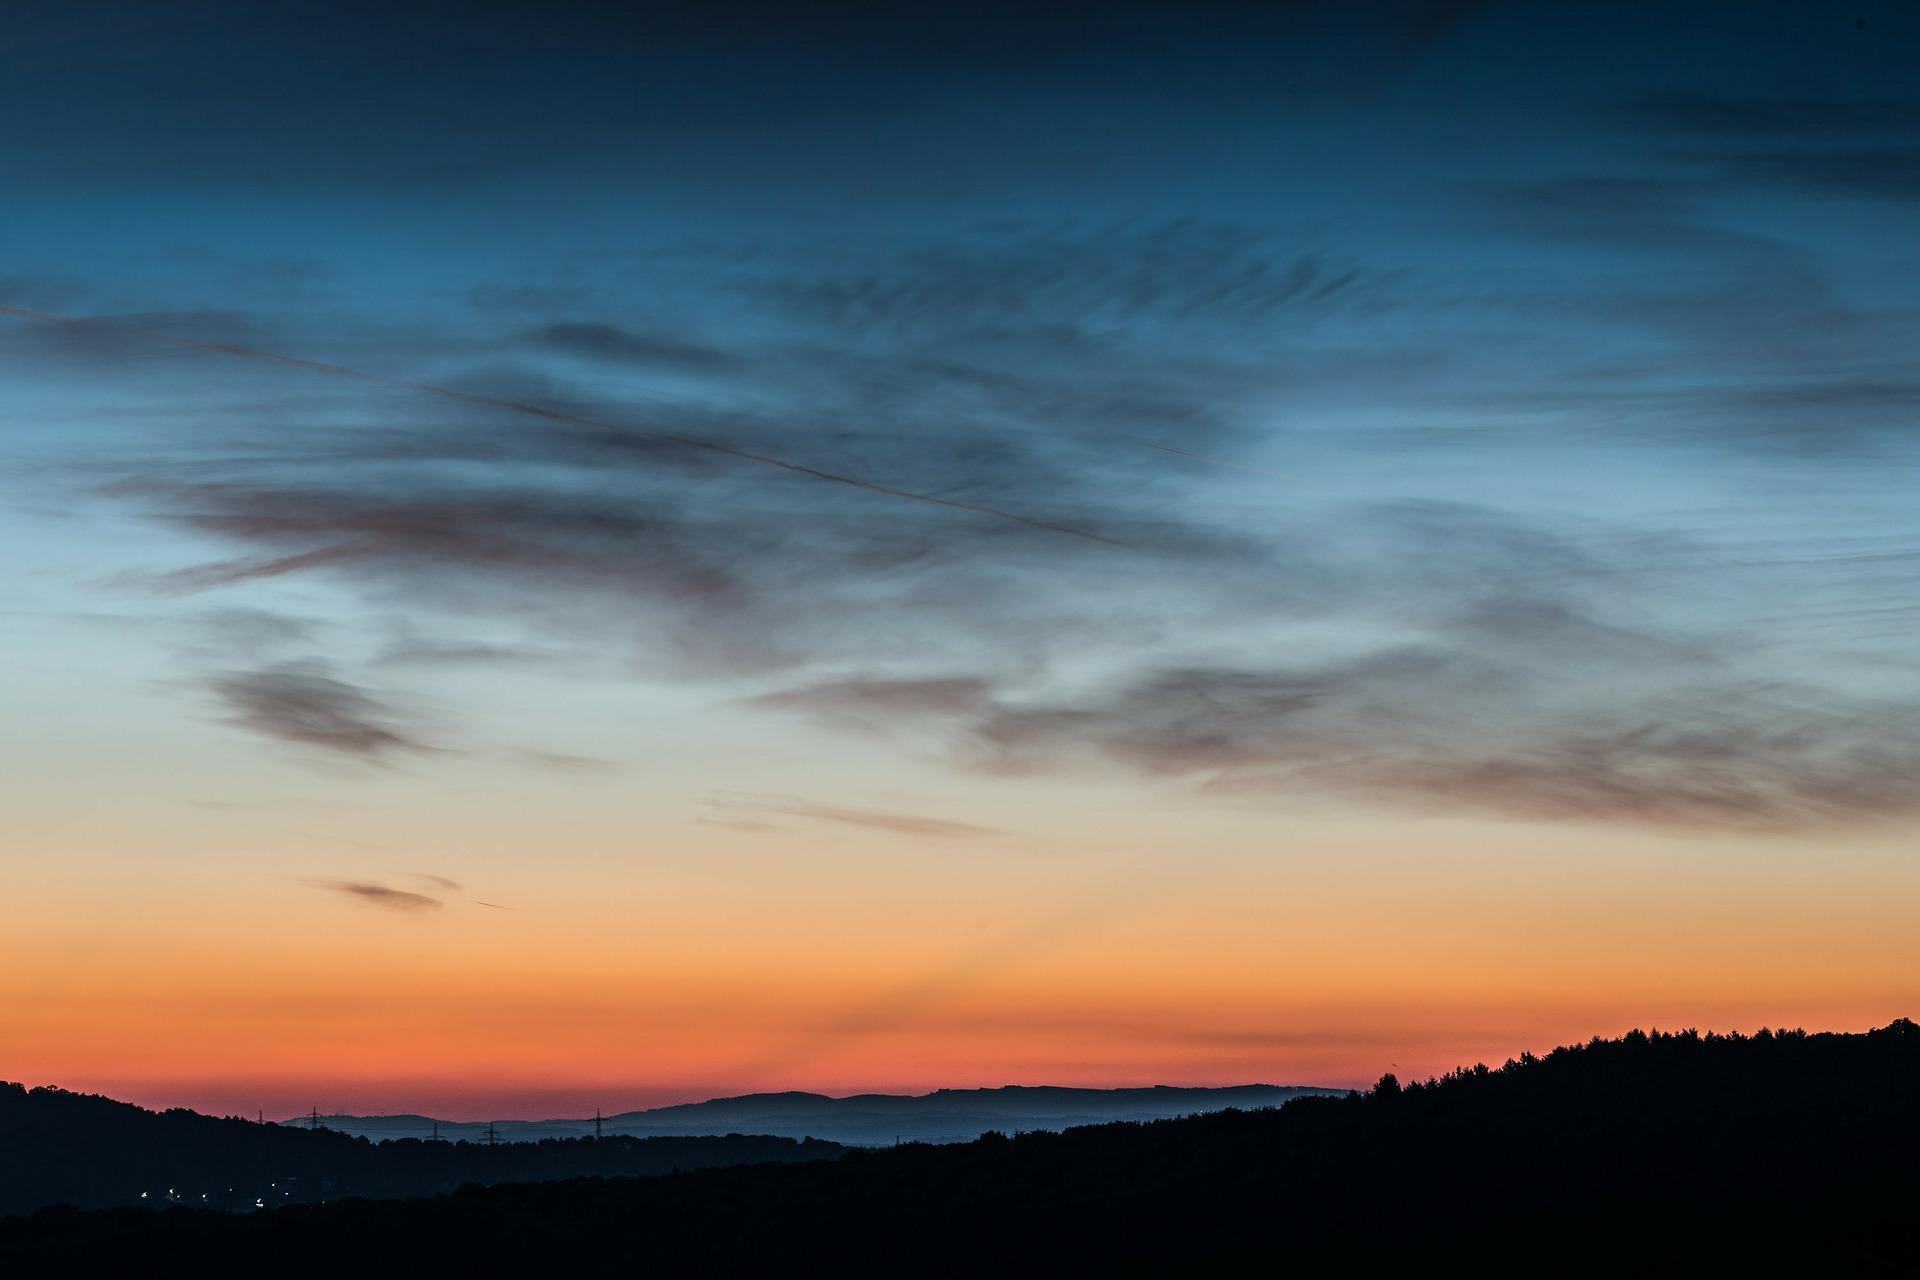 sunrise-209146_1920